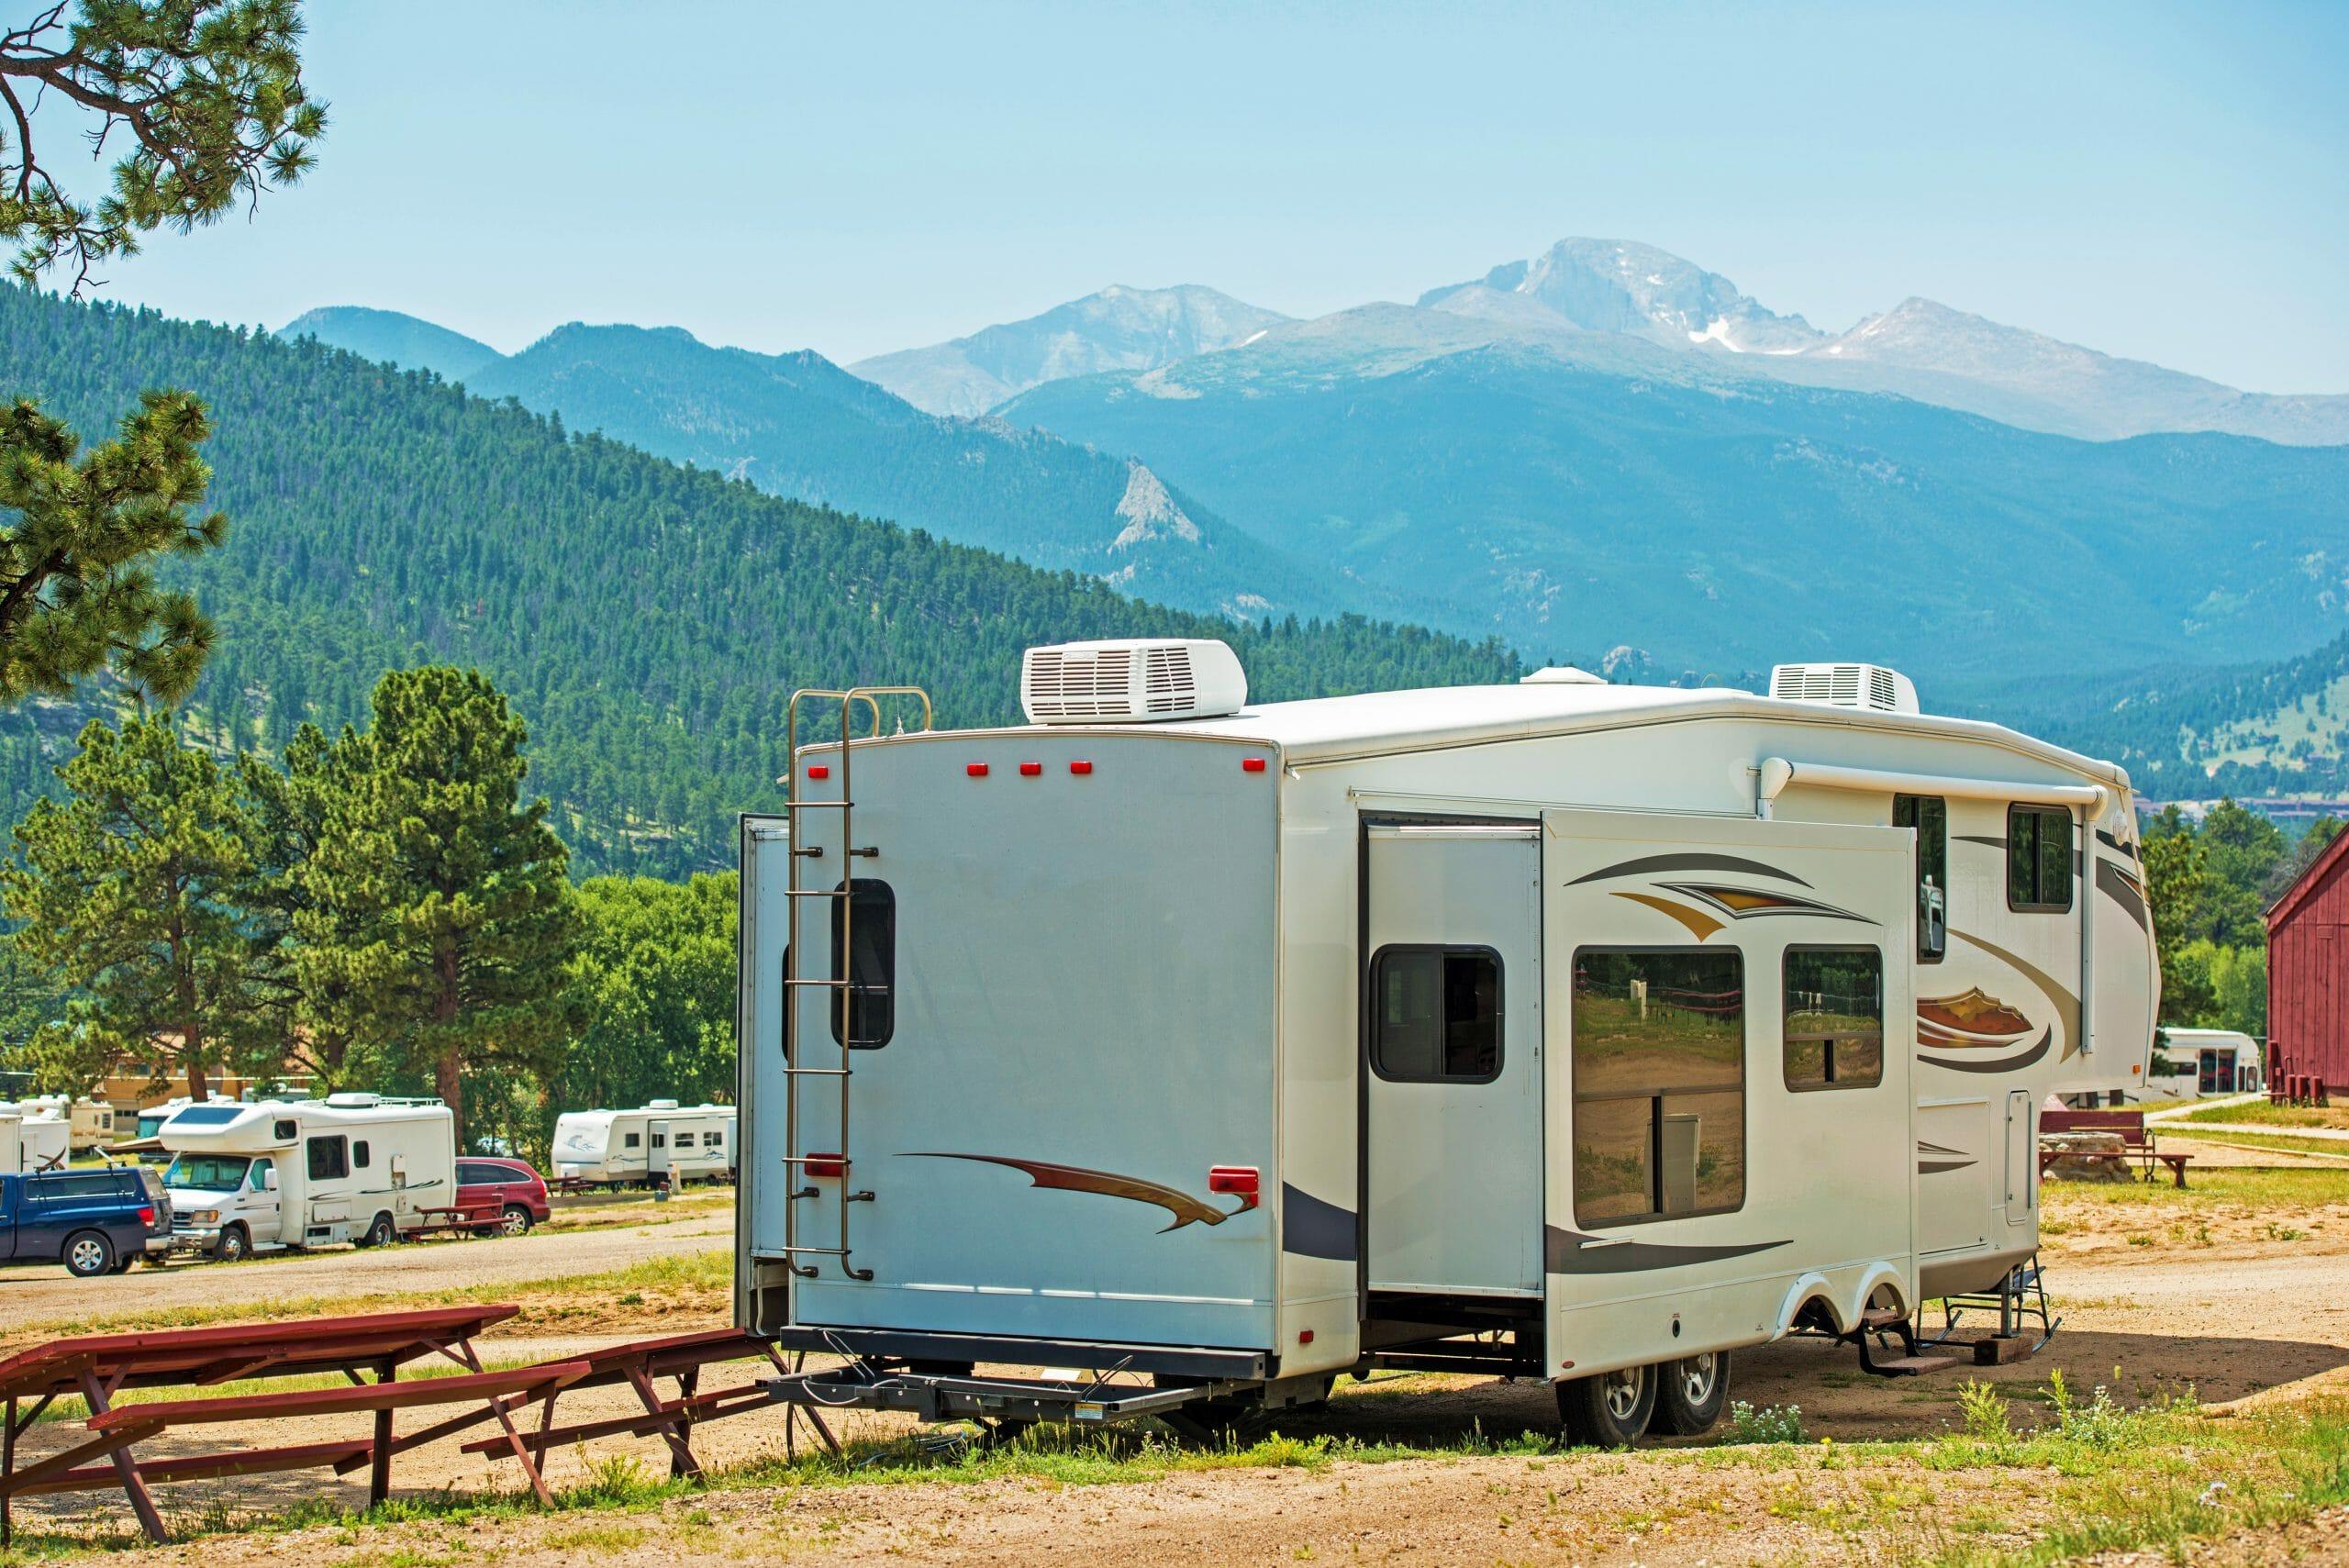 Colorado RV Park